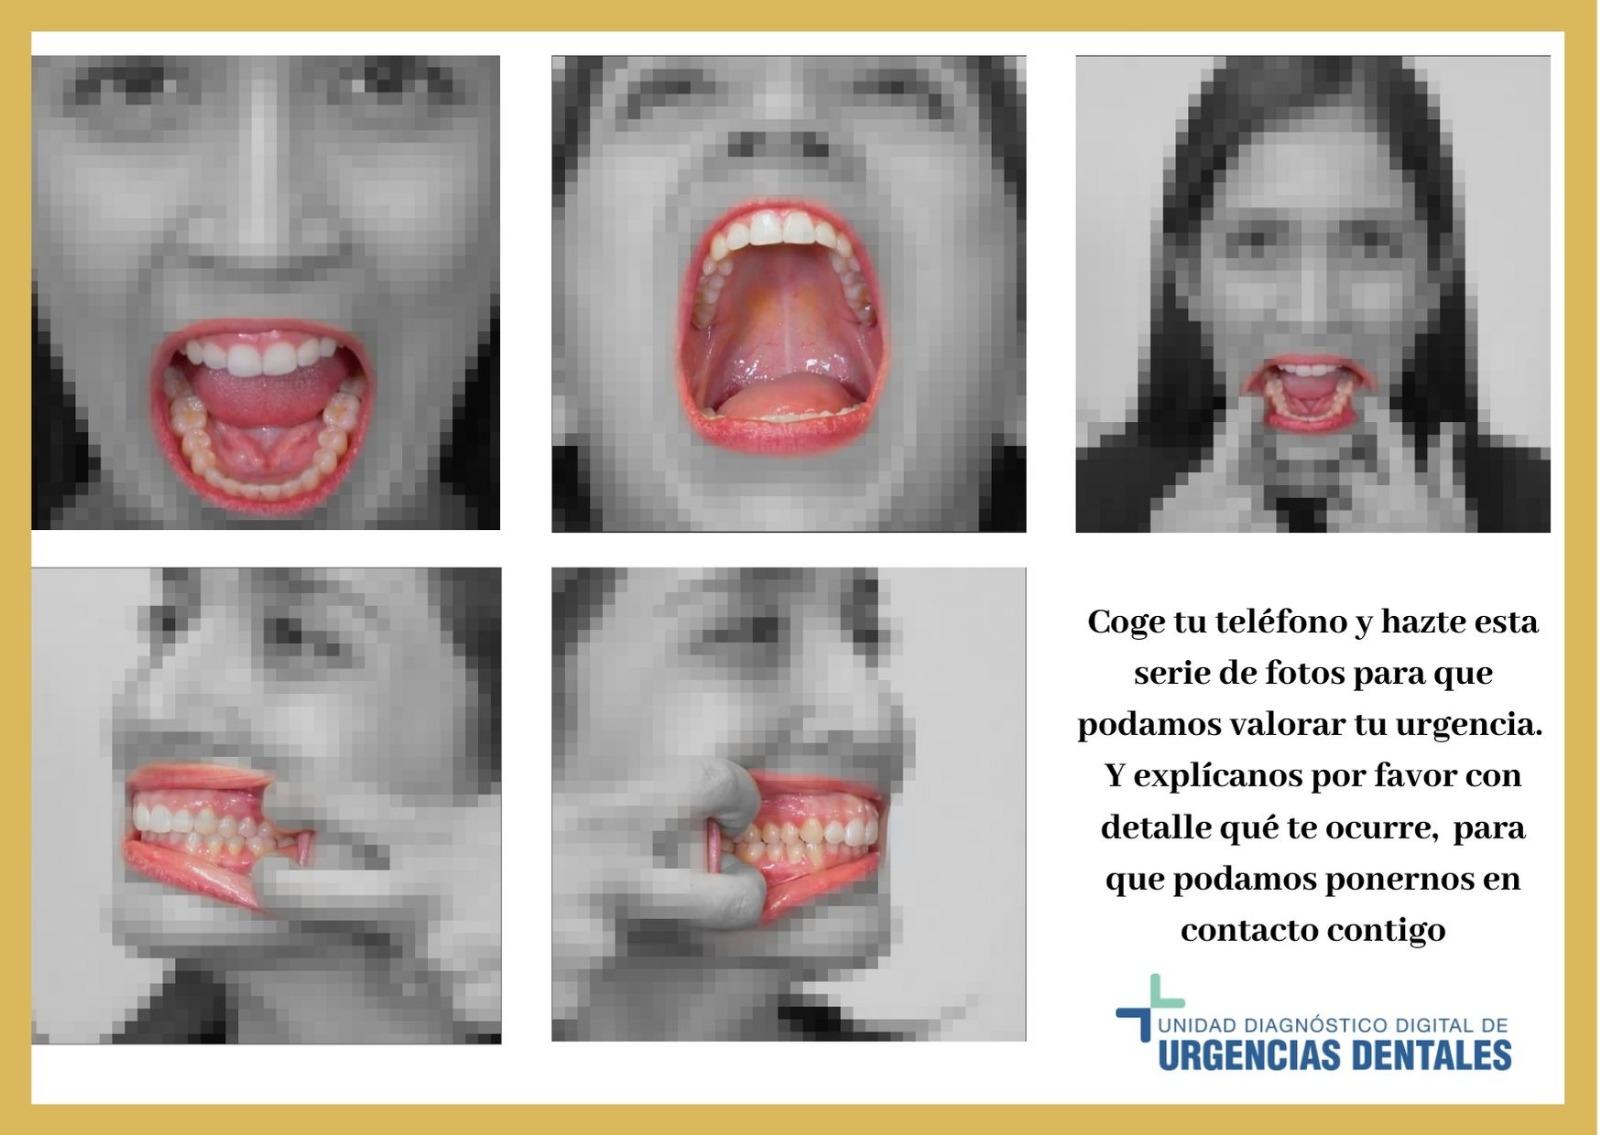 diagnostico-dental-online